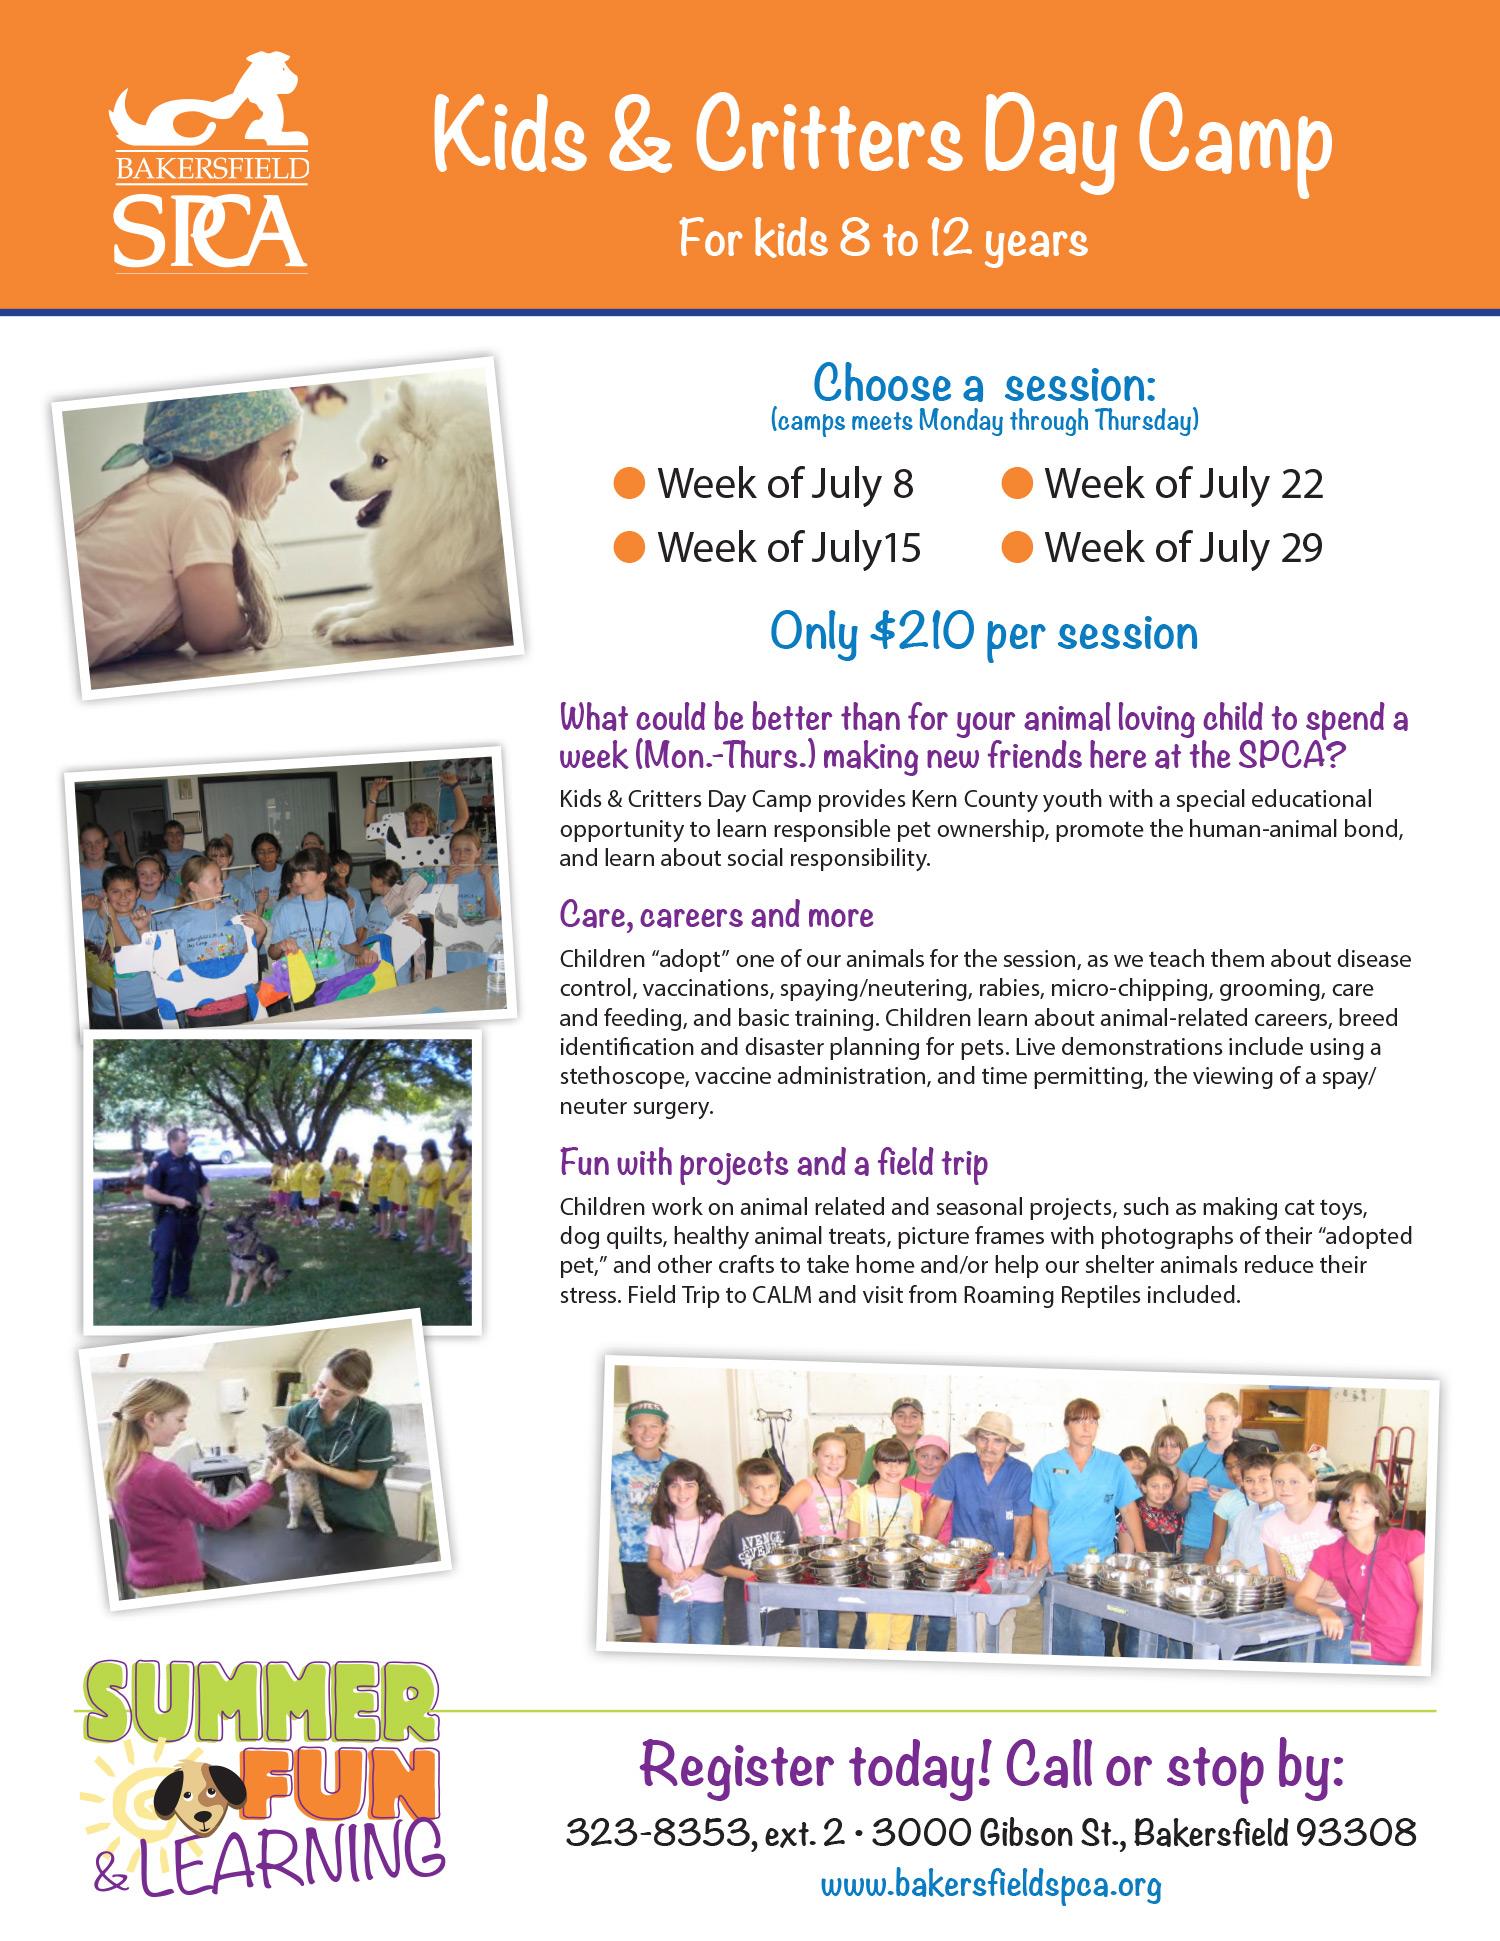 SPCA Bakersfield Summer Camp